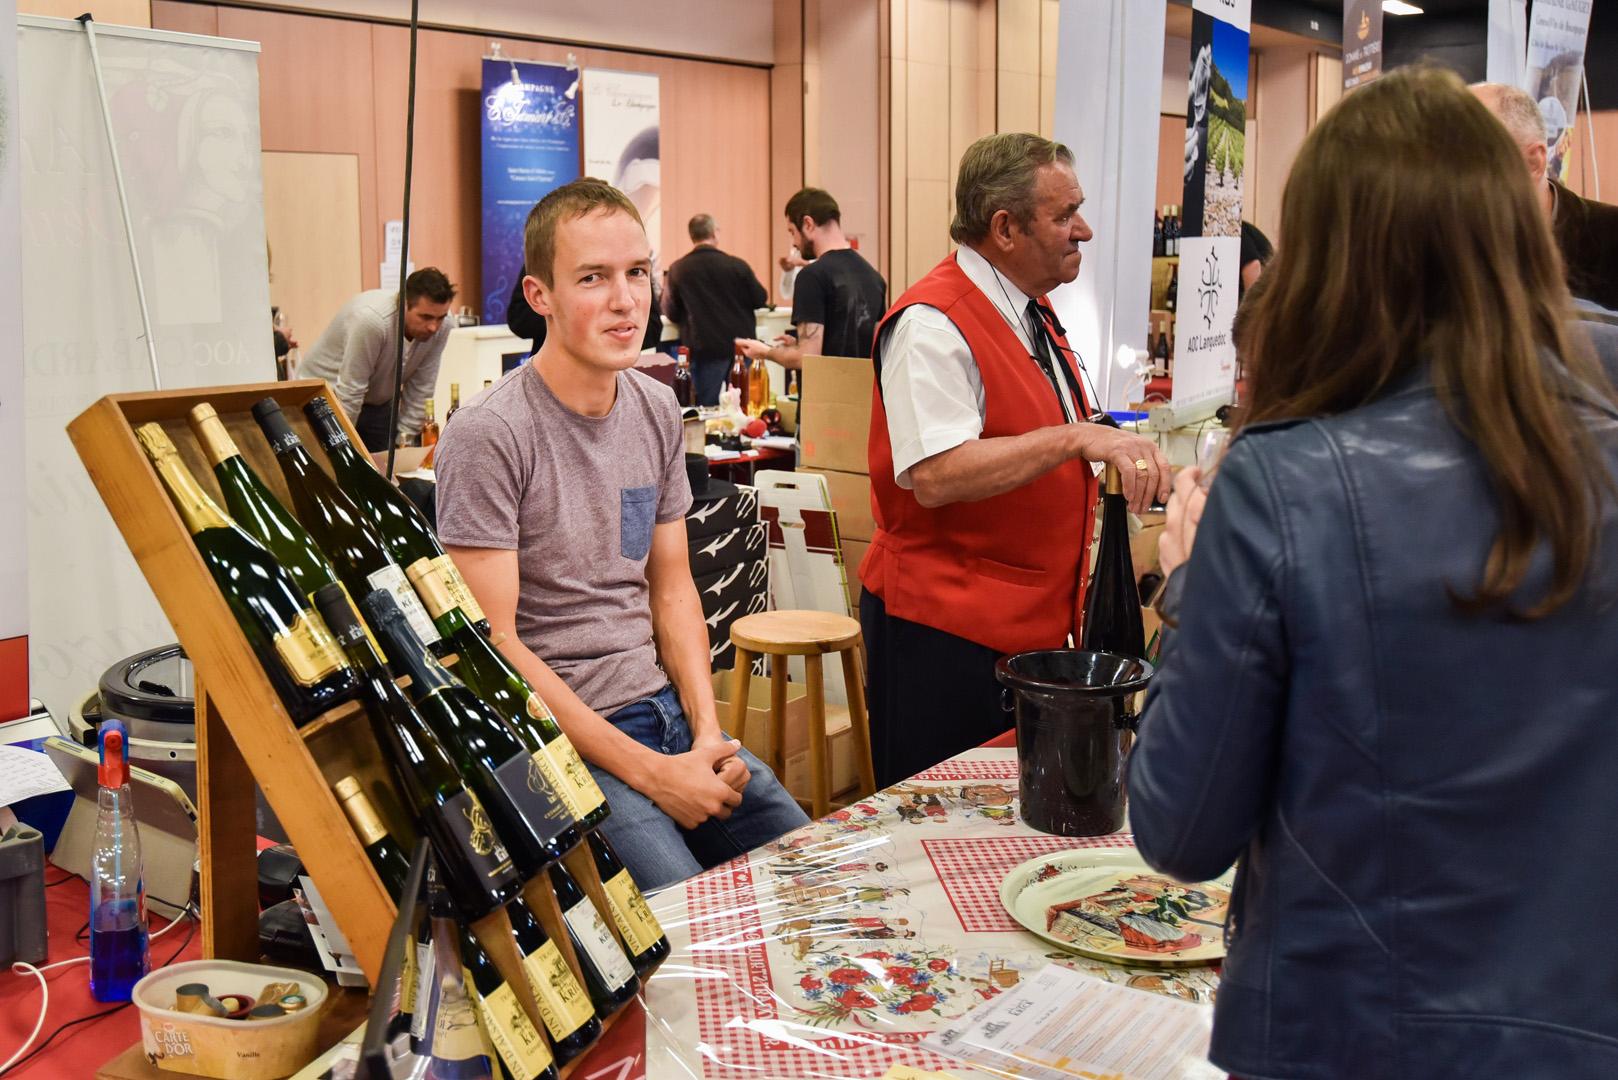 2016-10-17 - salon vinomedia villeurbanne136